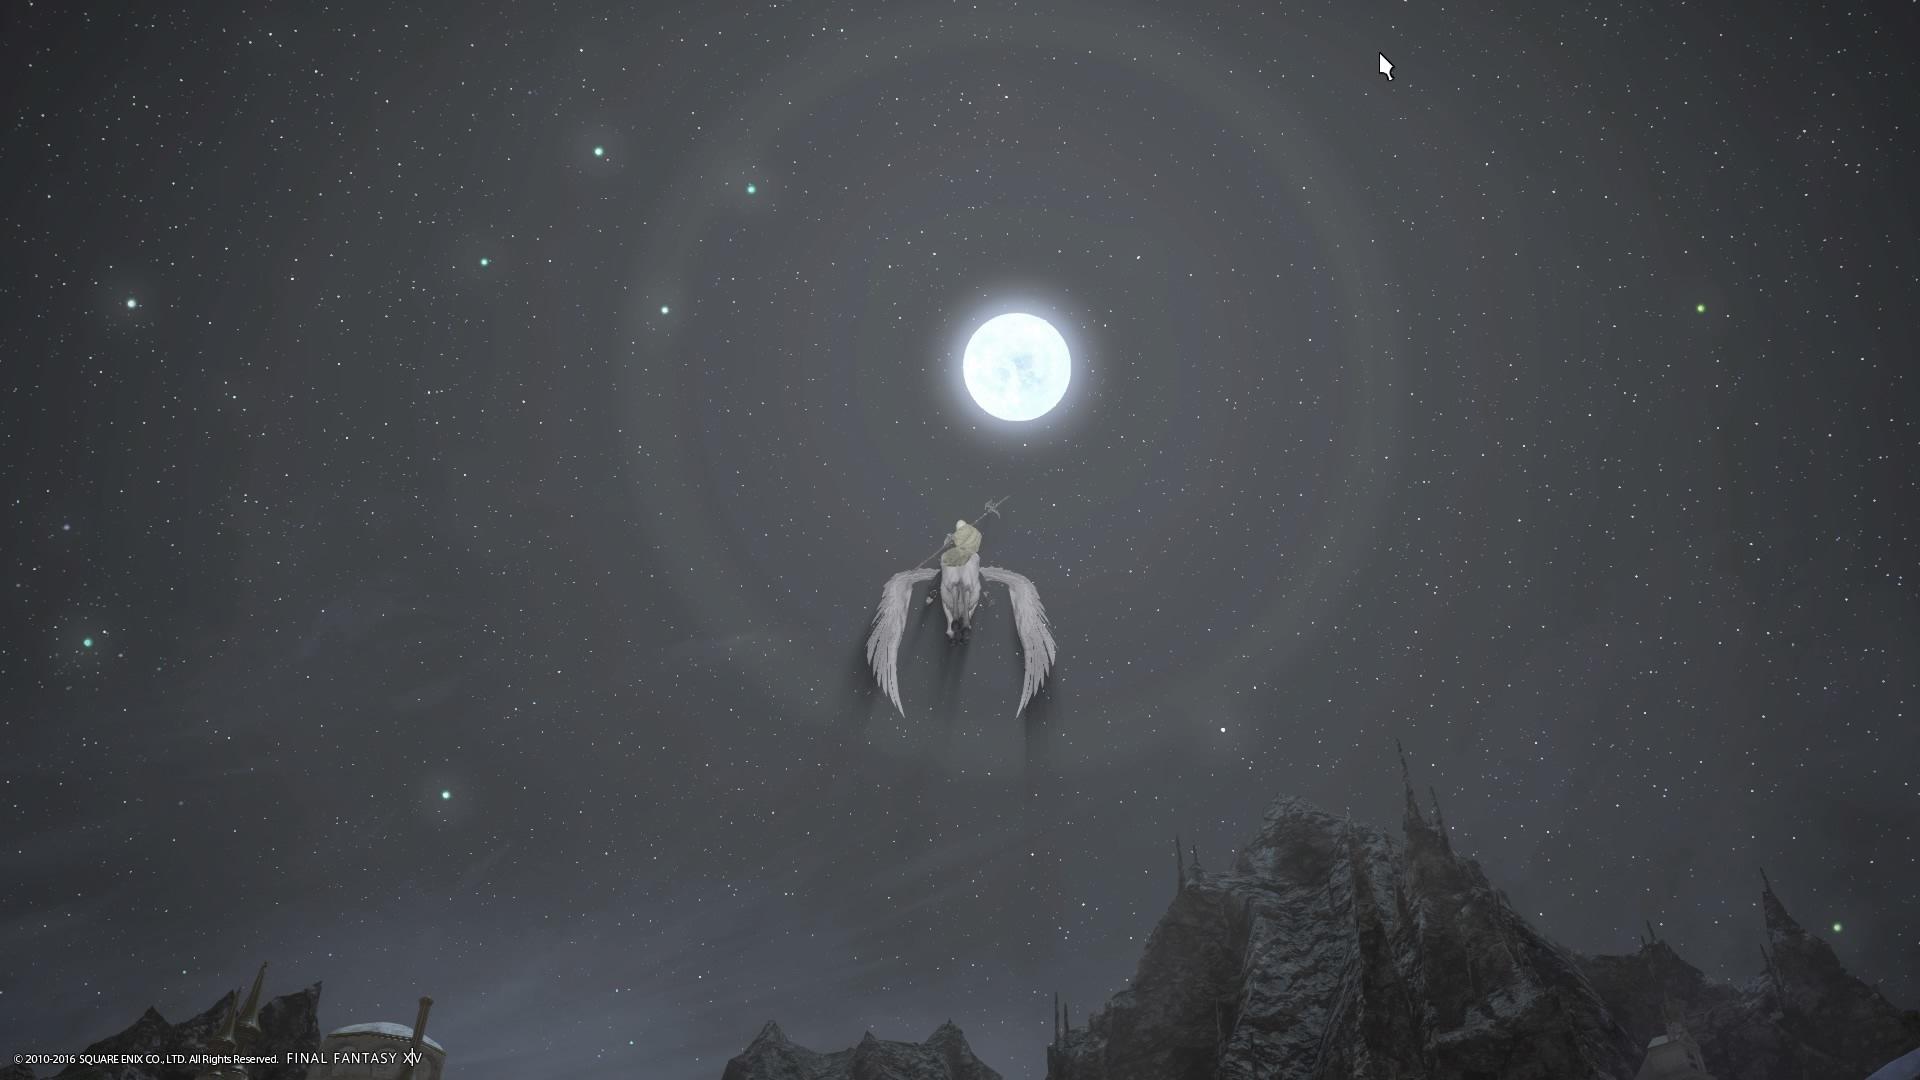 月に向かって飛ぶ